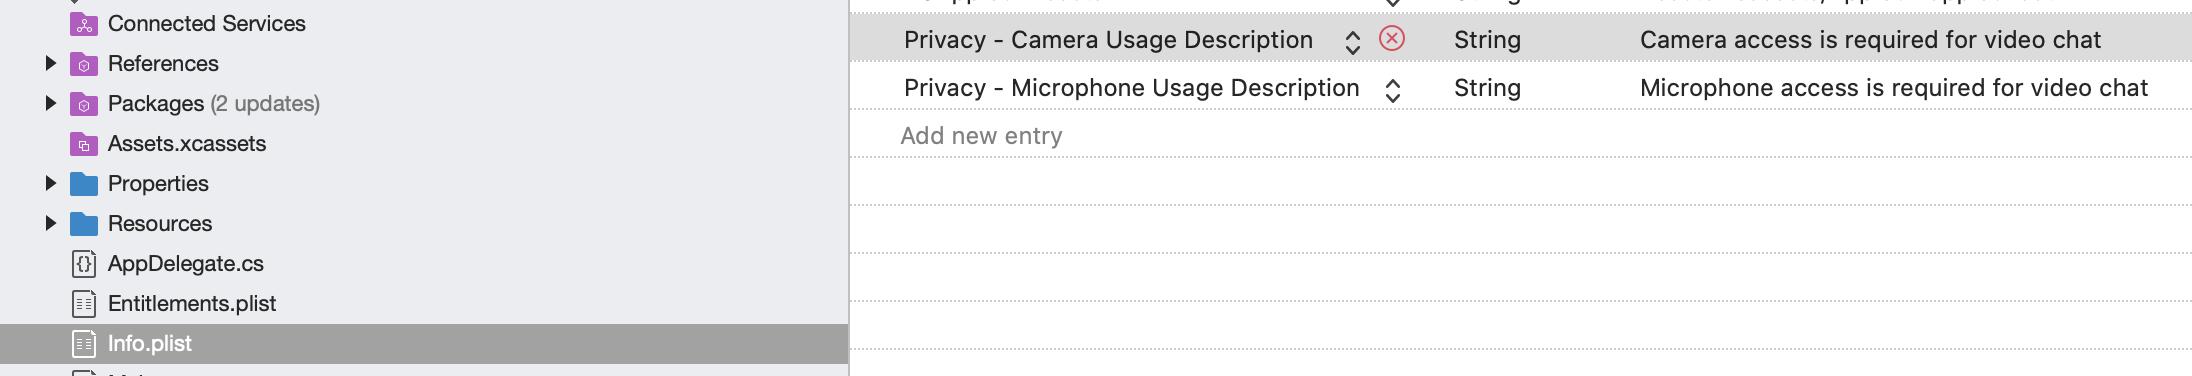 iOS permissions